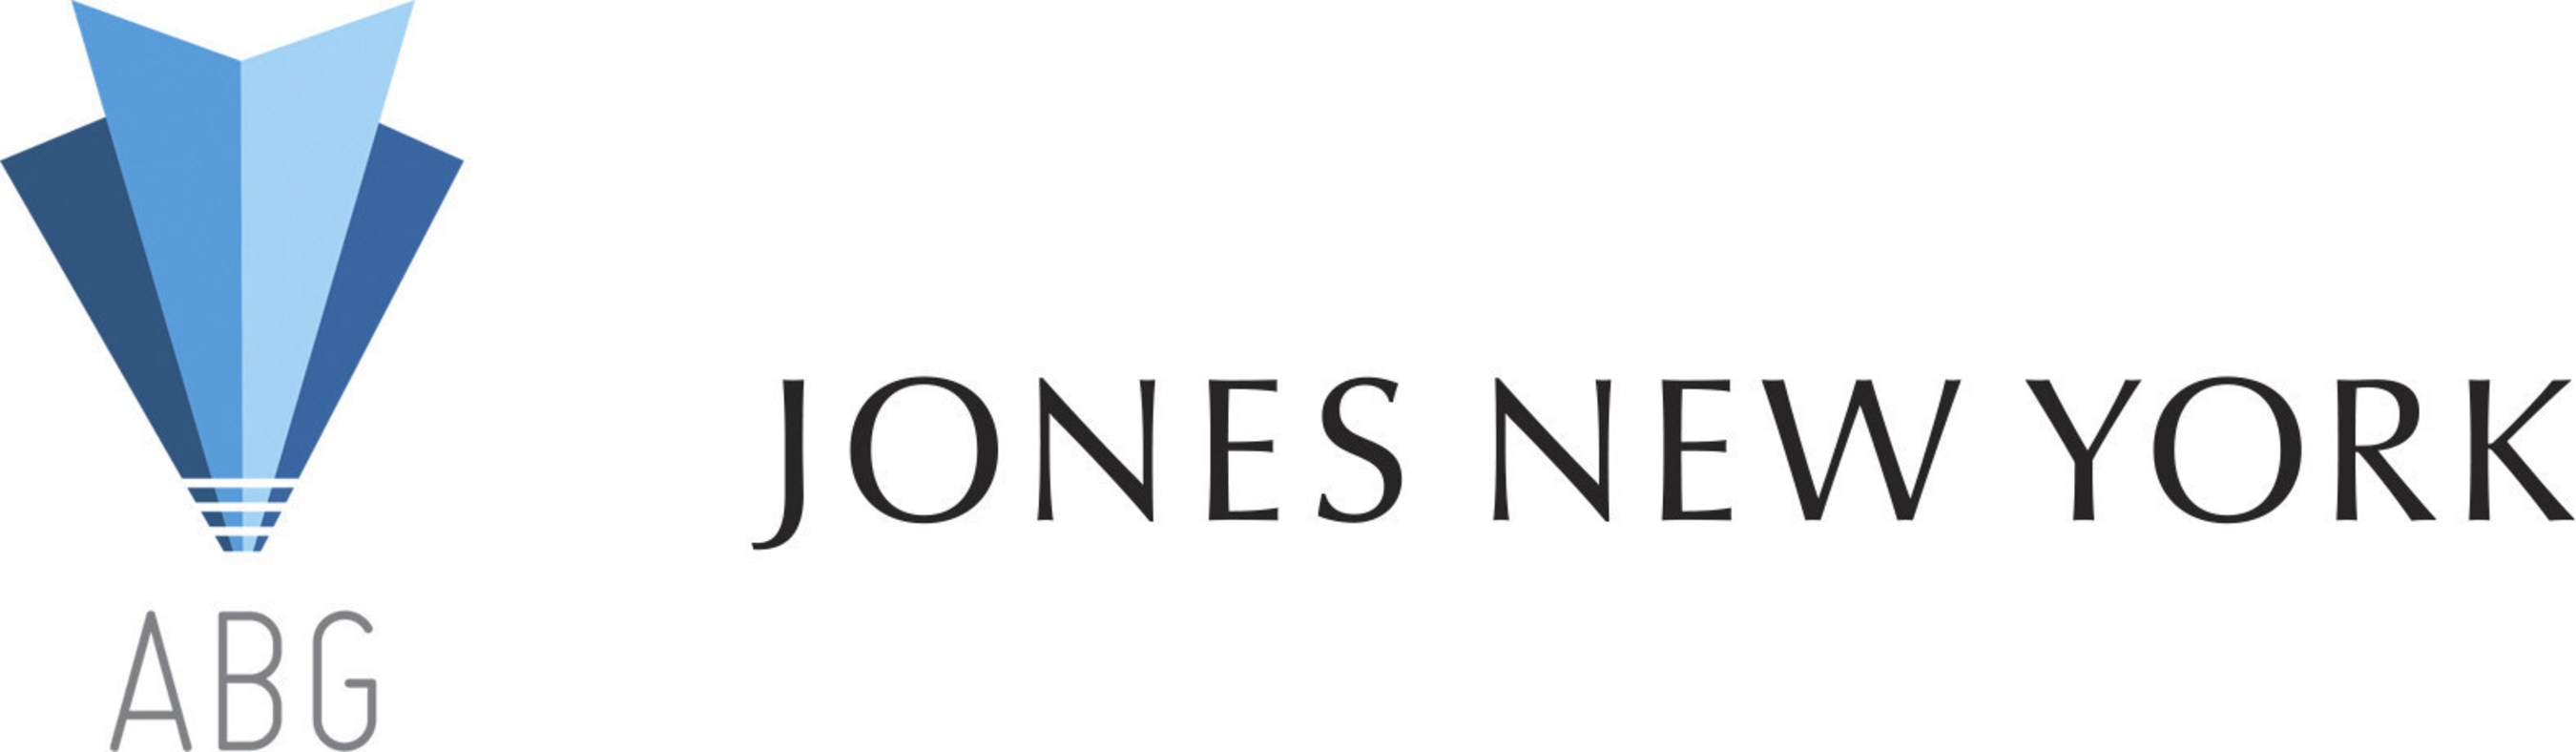 ABG erwirbt Jones New York und gewinnt den früheren Geschäftsführer von LVMH, Inc., Mark Weber, als